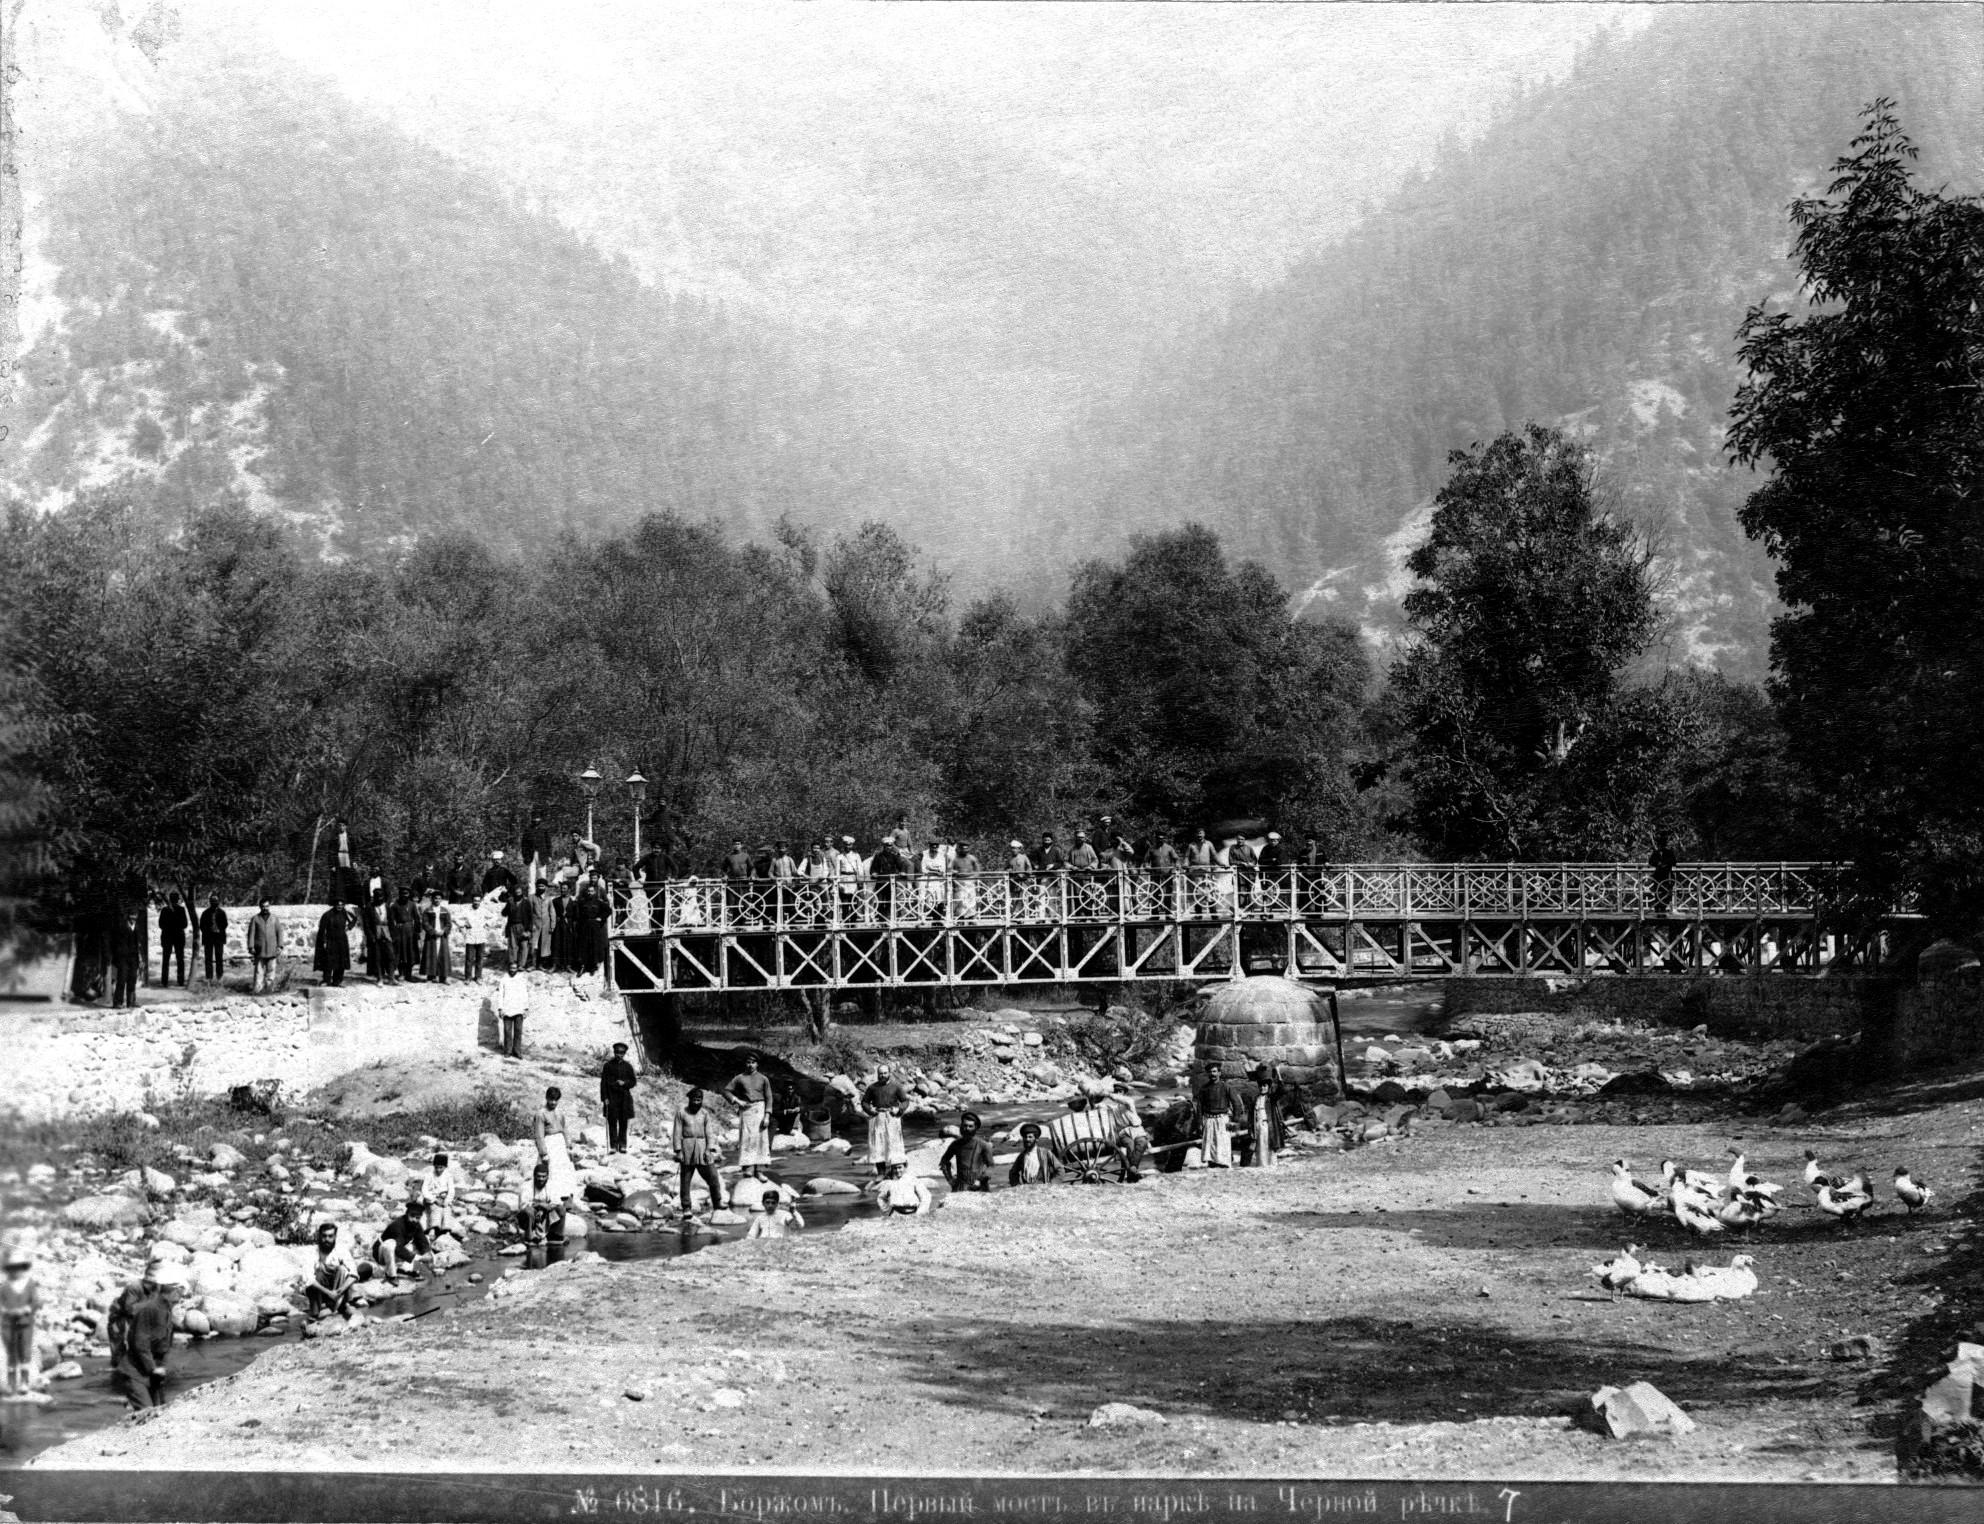 Первый мост в парке на Чёрной речке